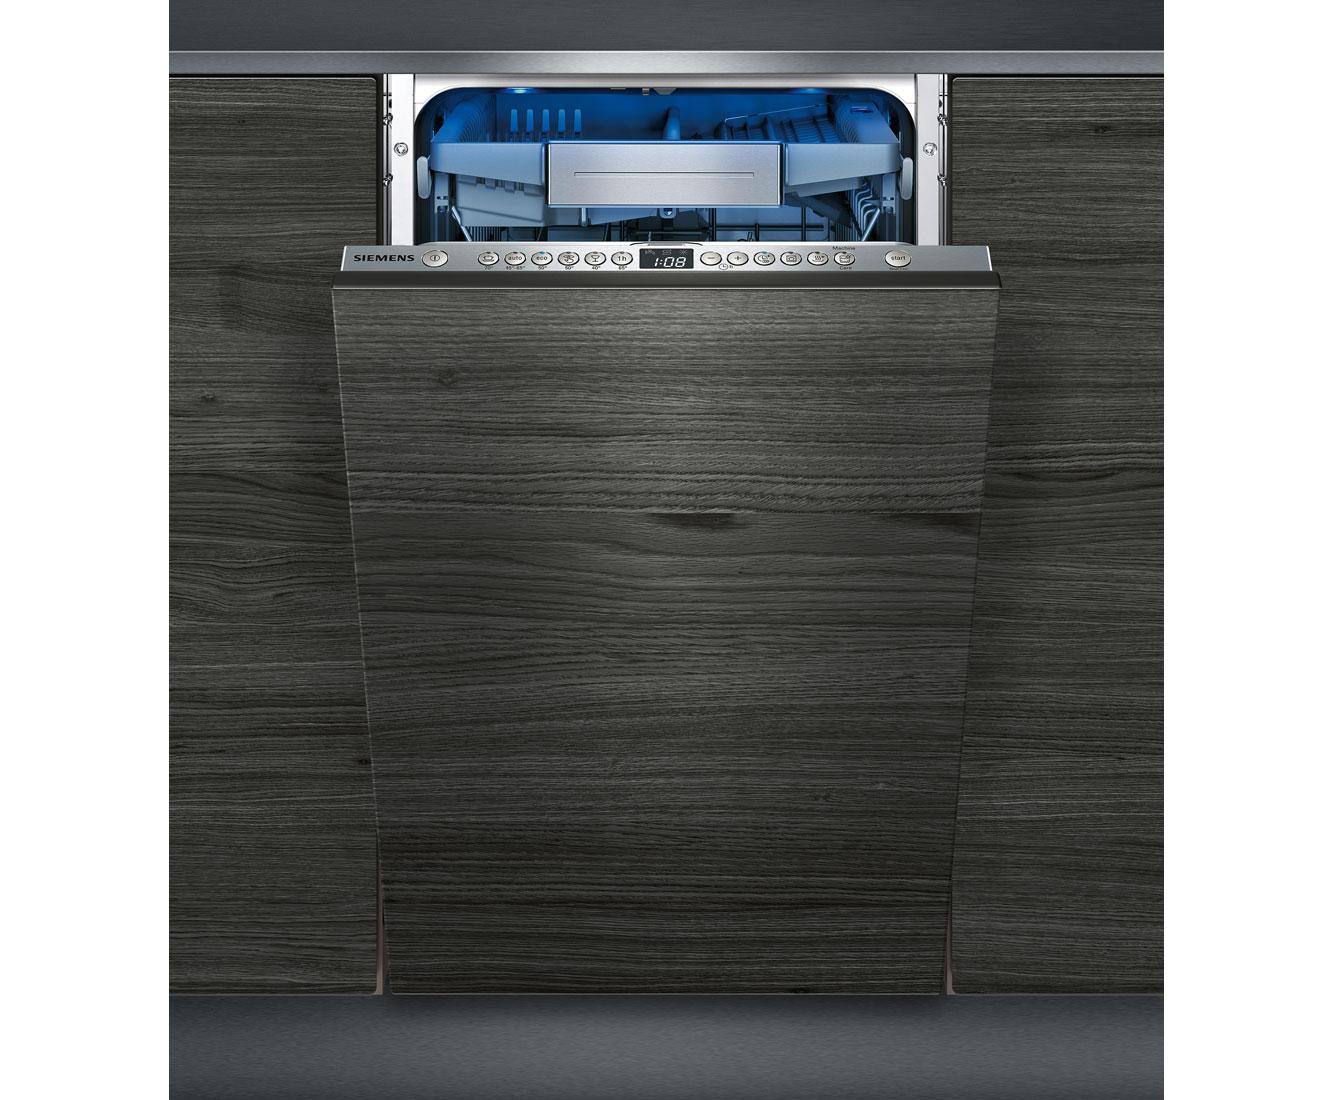 Siemens SR656D00TE Geschirrspüler 45 cm - Edelstahl   Küche und Esszimmer > Küchenelektrogeräte > Gefrierschränke   Edelstahl   Siemens